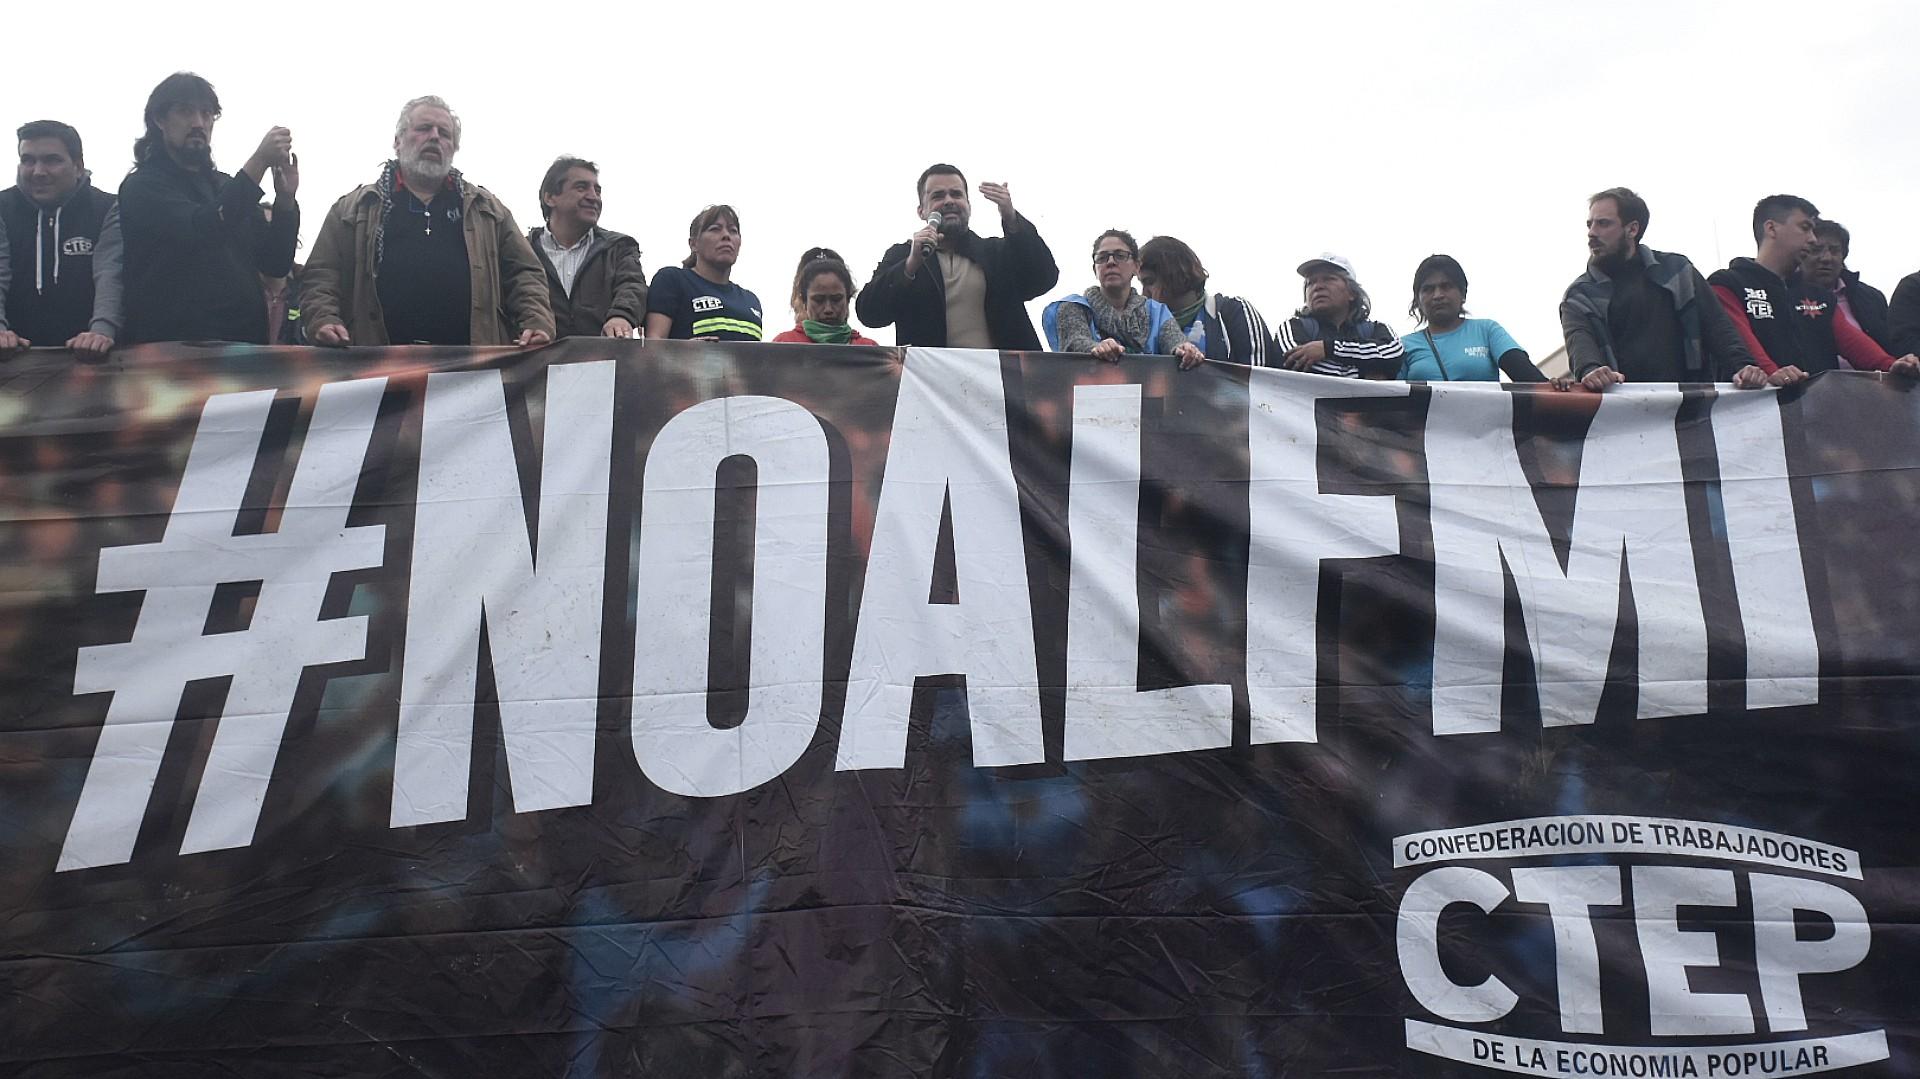 Los movimientos sociales marcharon en contra de las políticas económicas del Gobierno